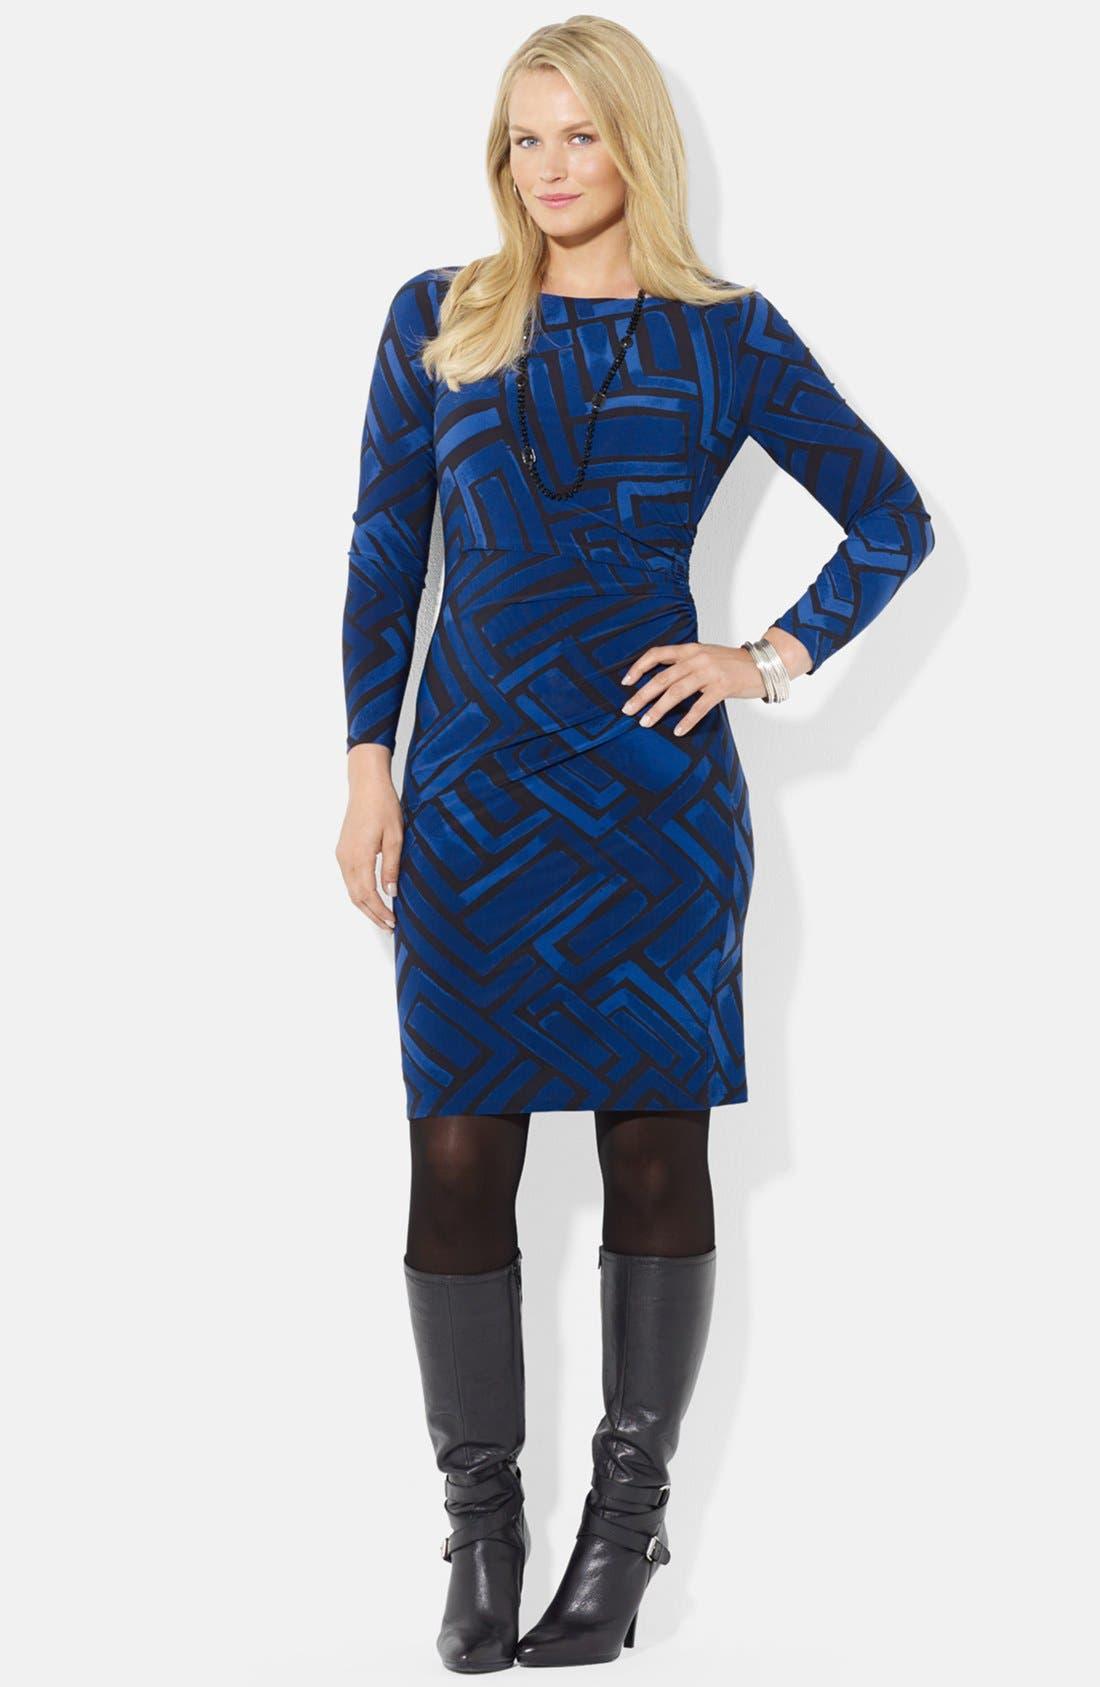 Alternate Image 1 Selected - Lauren Ralph Lauren Print Jersey Dress